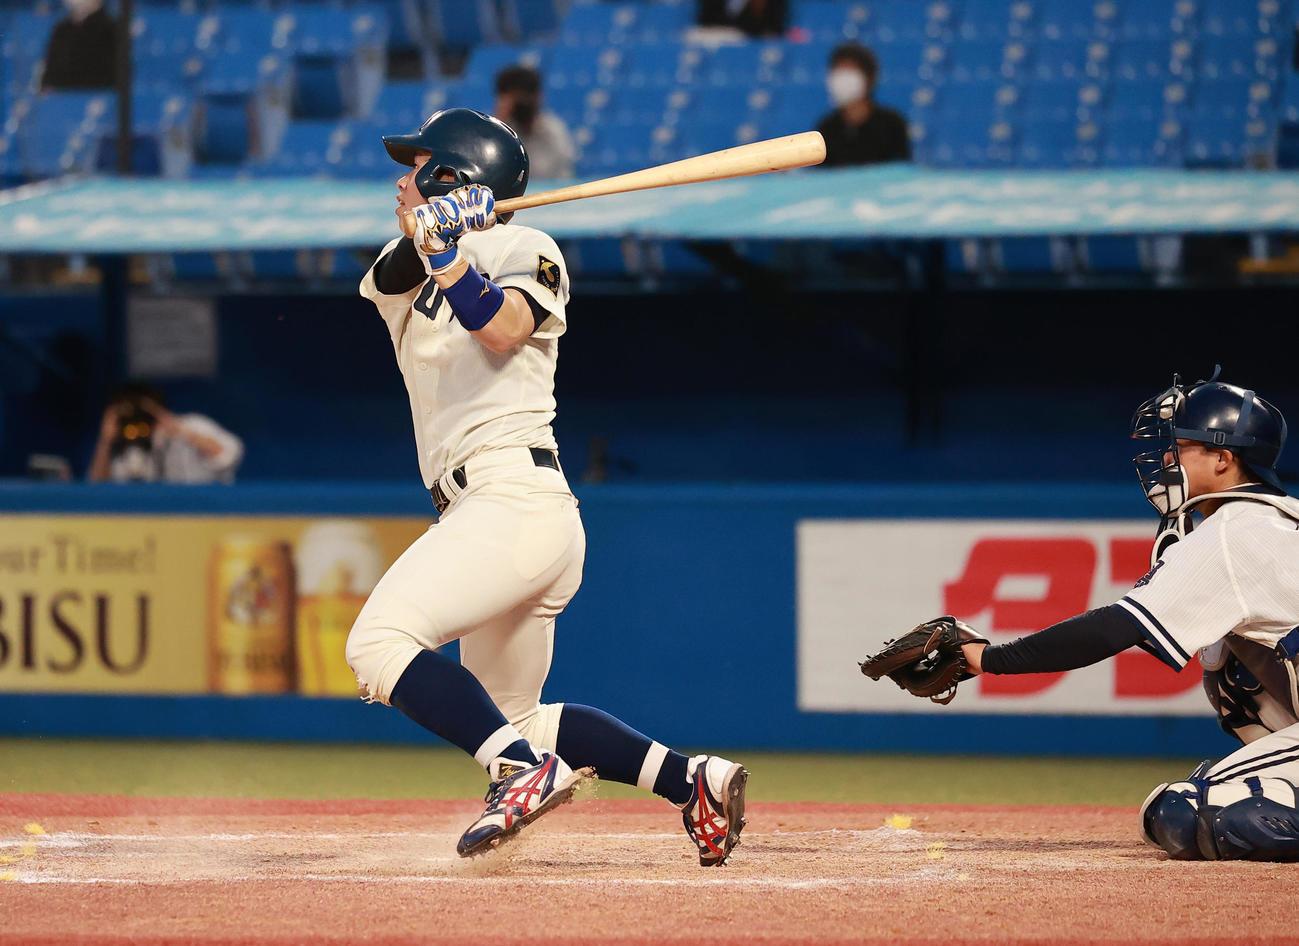 中大対東洋大 5回裏東洋大2死満塁、中越え満塁ランニング本塁打を放つ橋本吏(撮影・野上伸悟)